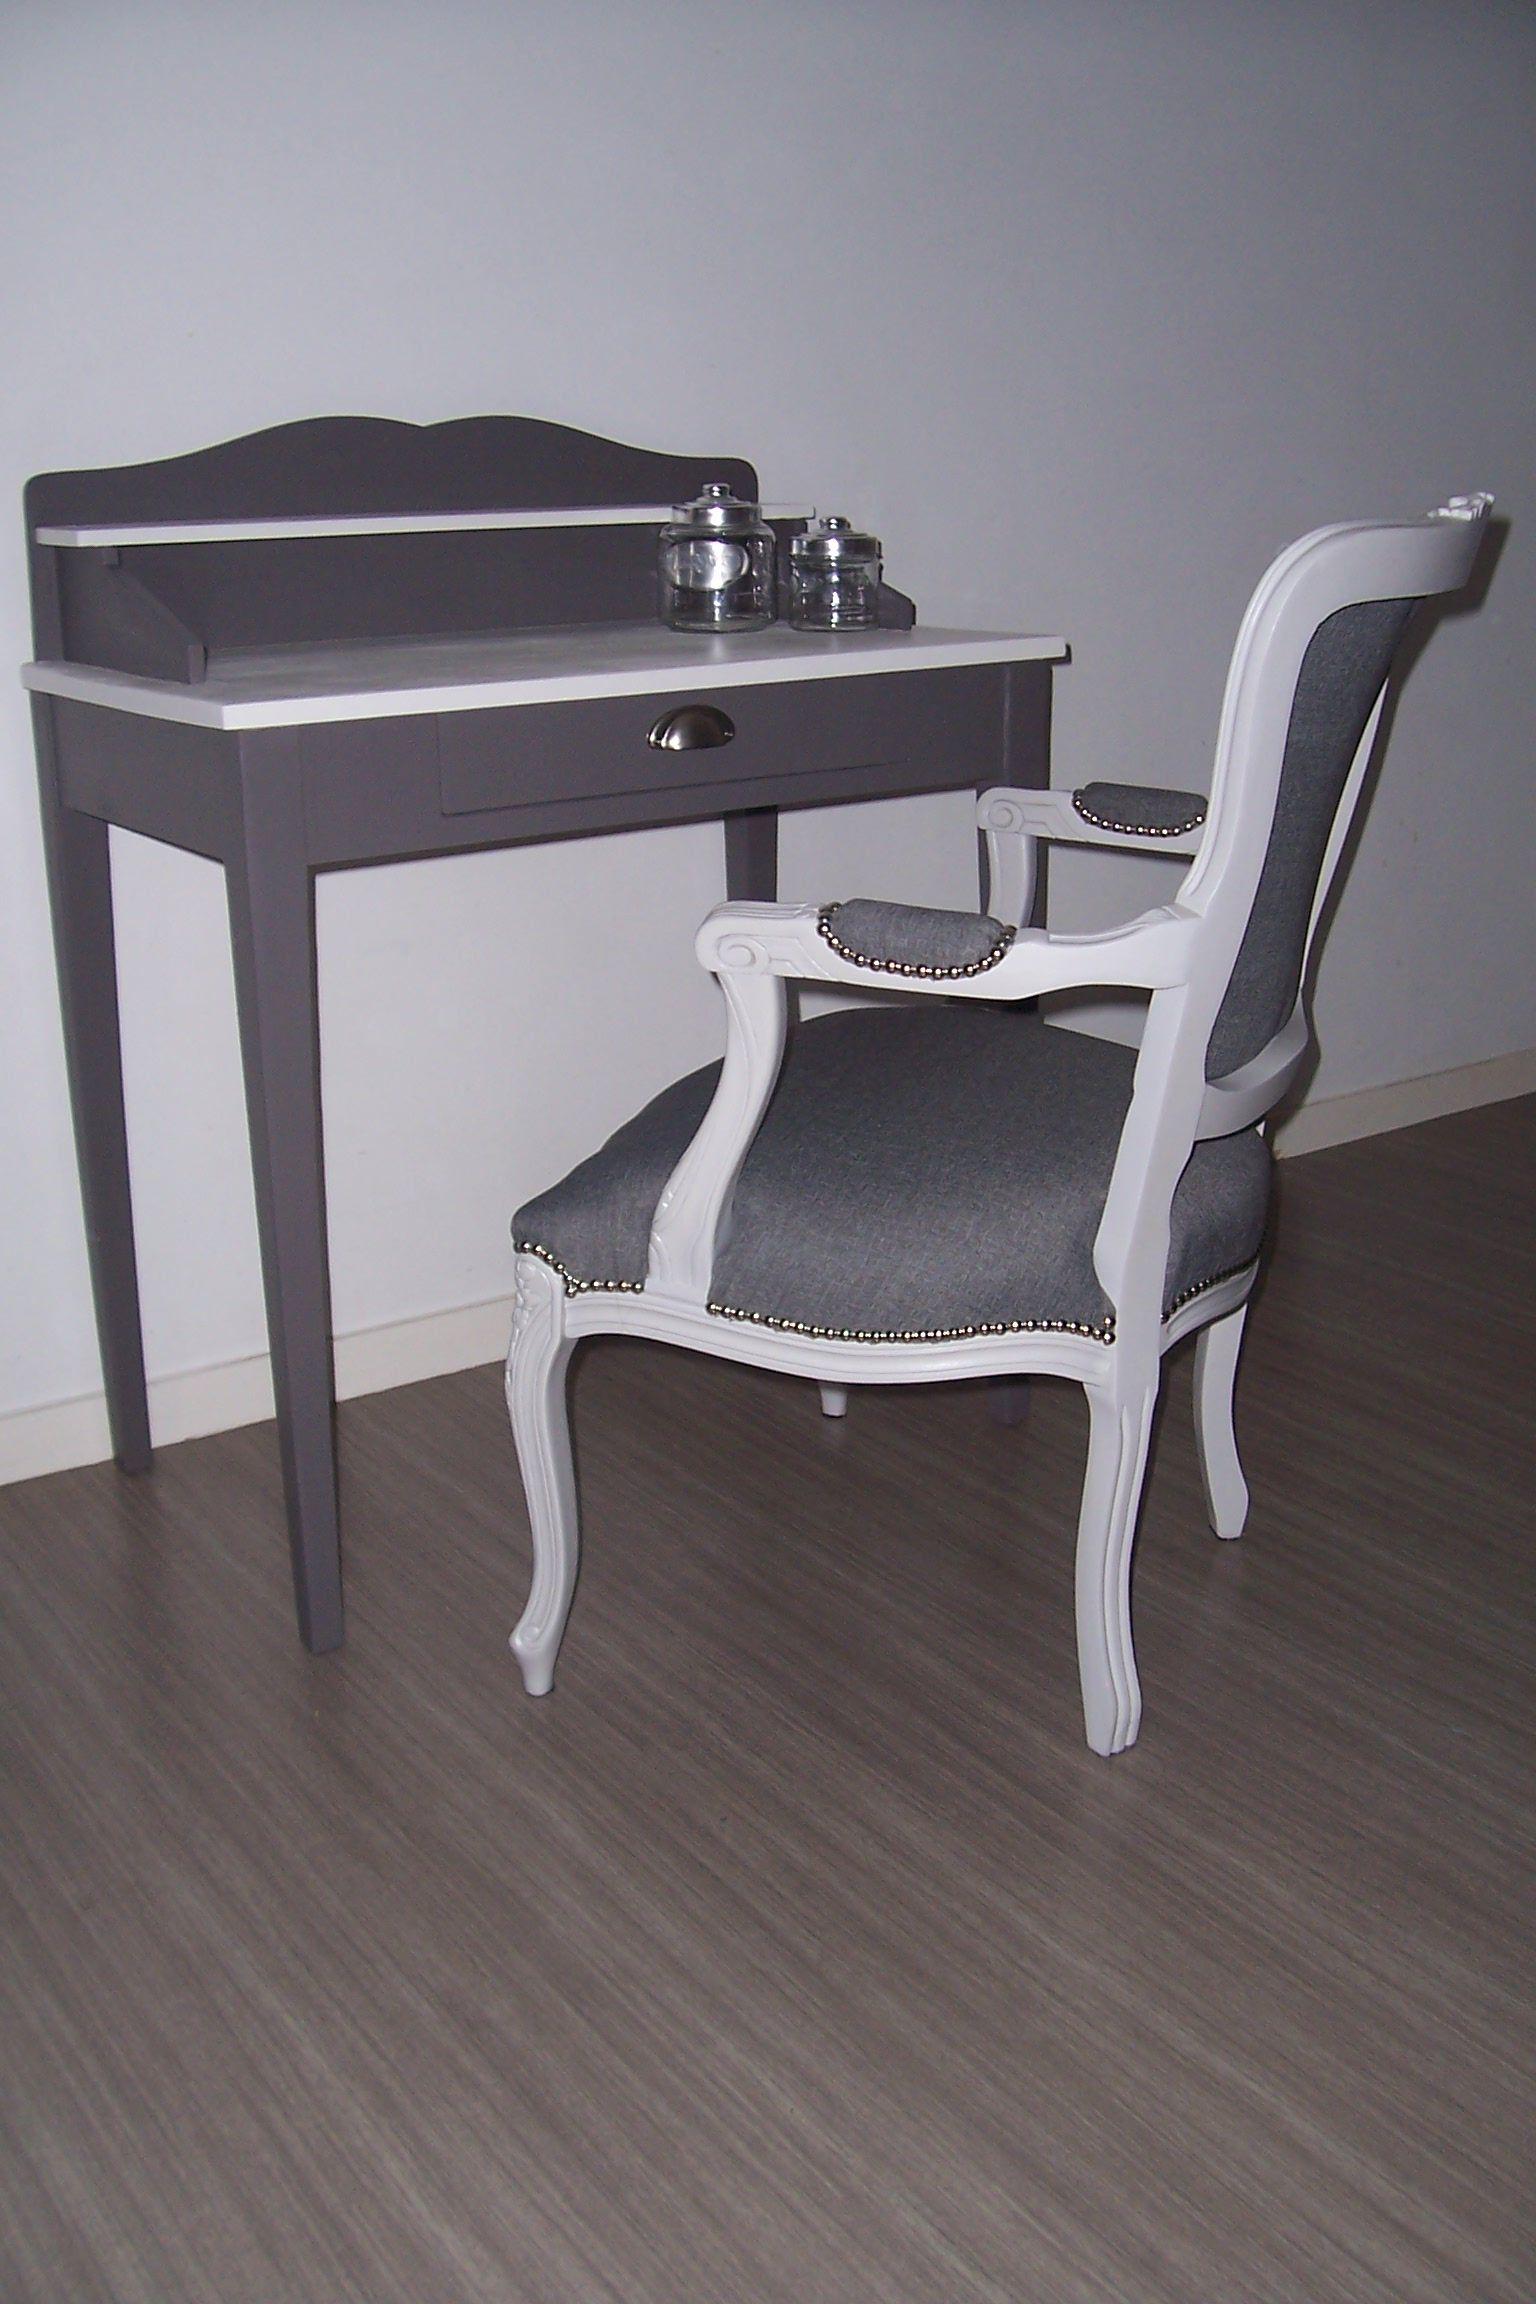 secr taire relook en gris fonc e et blanc lin par ajh d co bureaux secr taires et coiffeuses. Black Bedroom Furniture Sets. Home Design Ideas